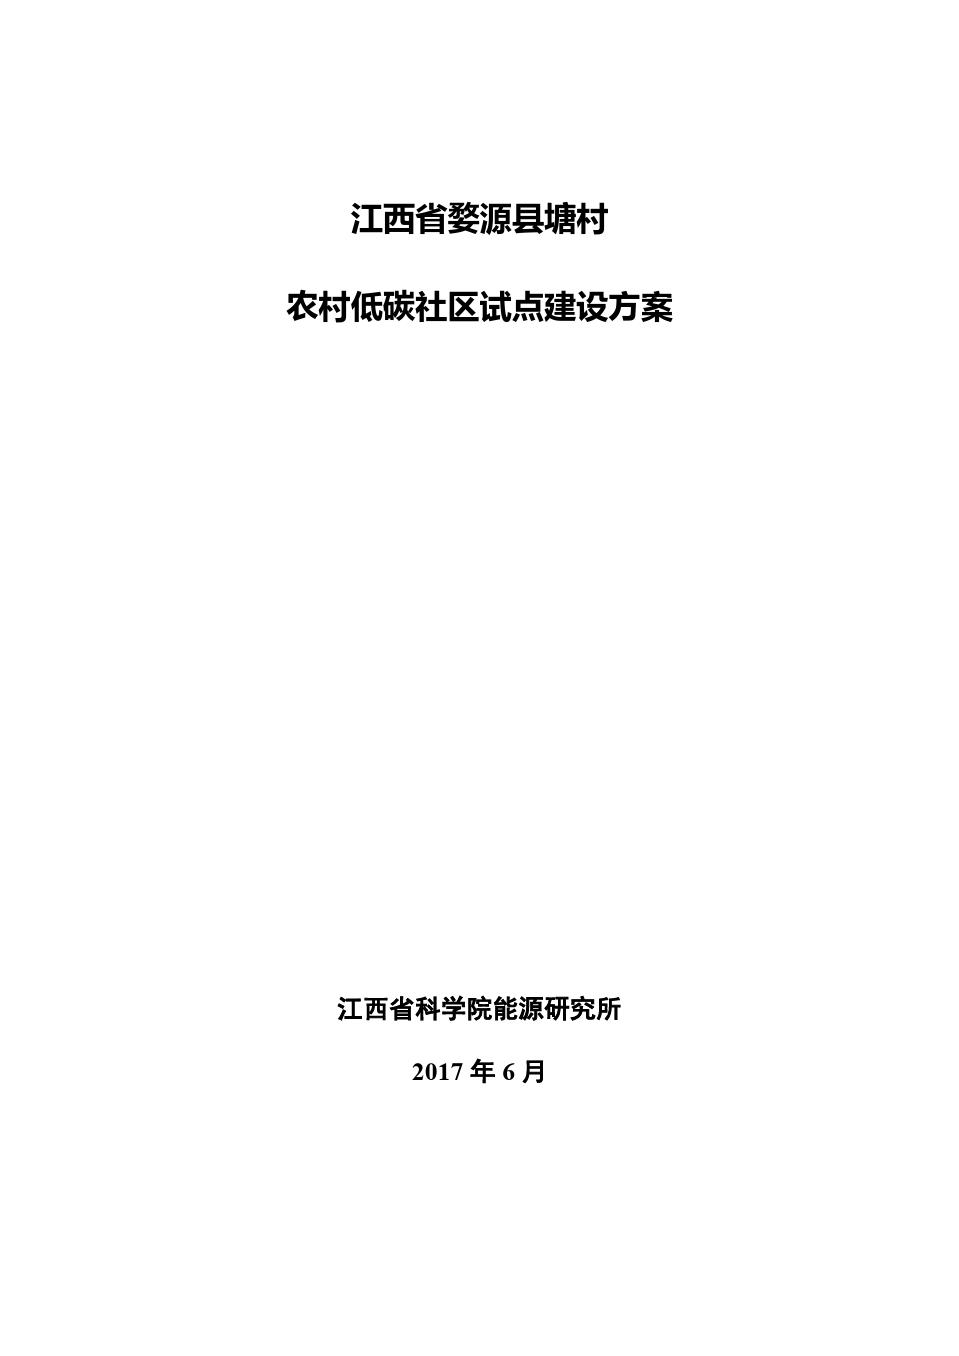 婺源塘村农村低碳社区试点建设方案2017.6.22稿